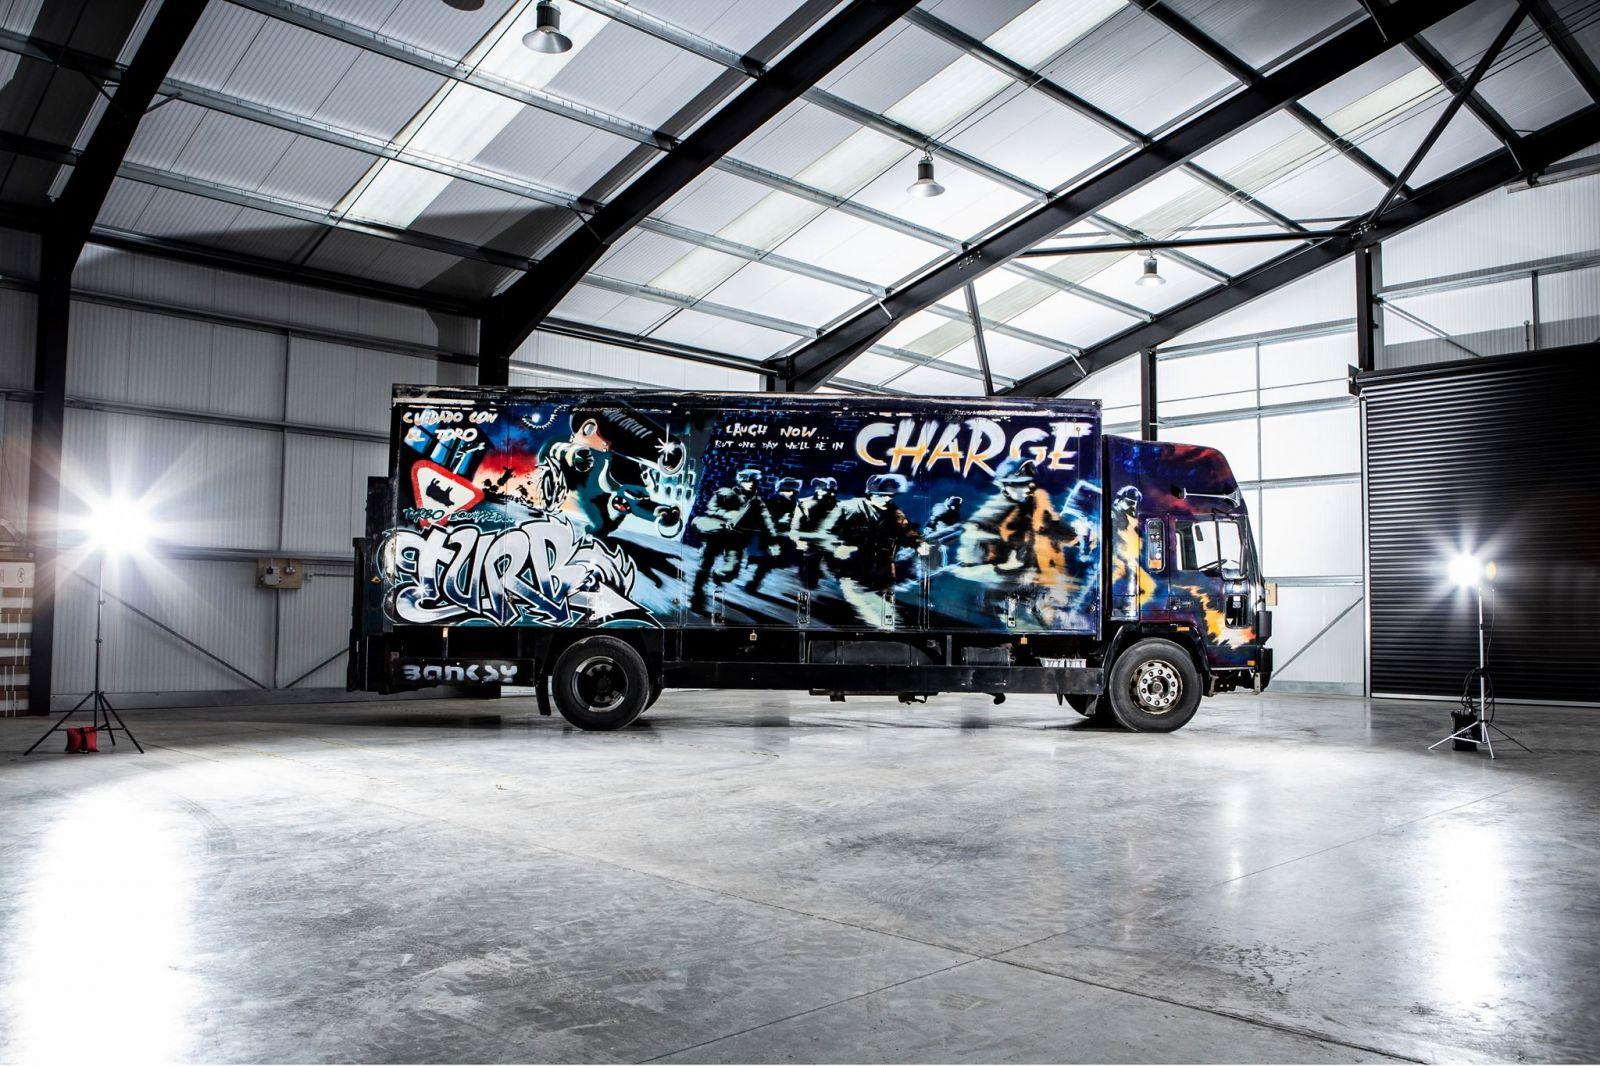 Keď Banksy na kamióne pracoval, bol úplne neznámym chlapcom, teraz sa ide dražiť a suma má výrazne prekročiť milión